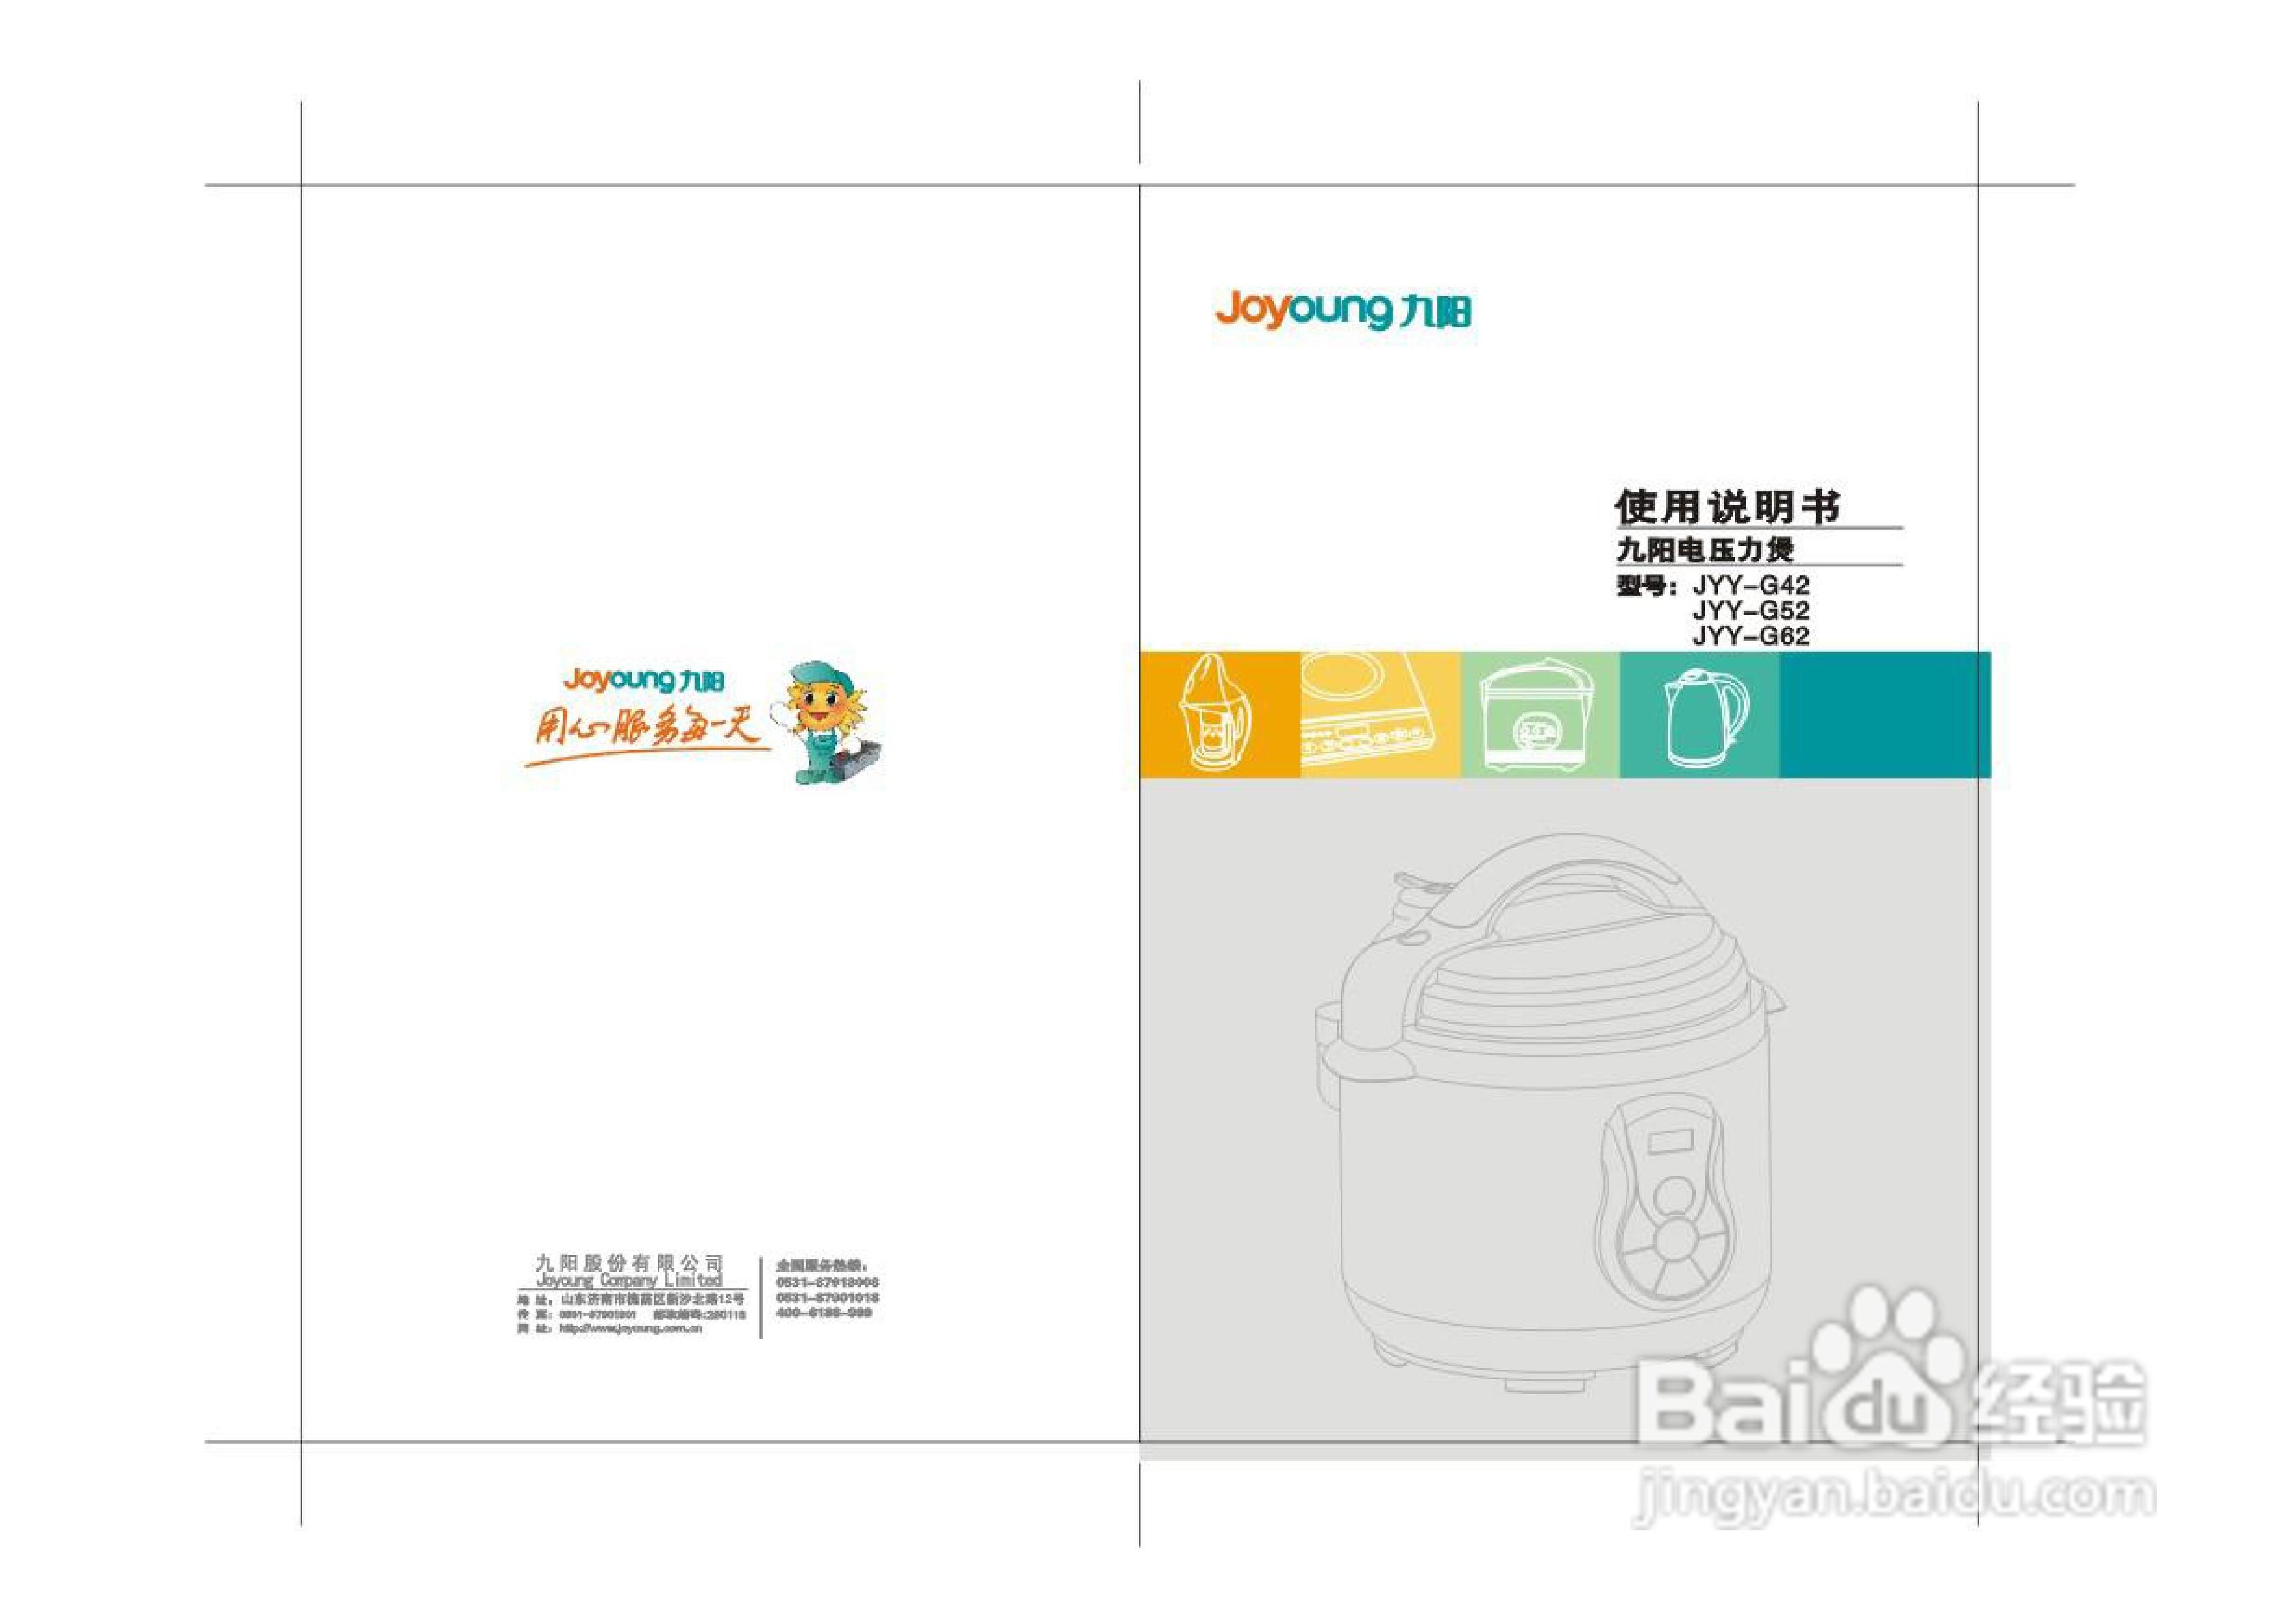 九阳电压力煲jyy g5型说明书